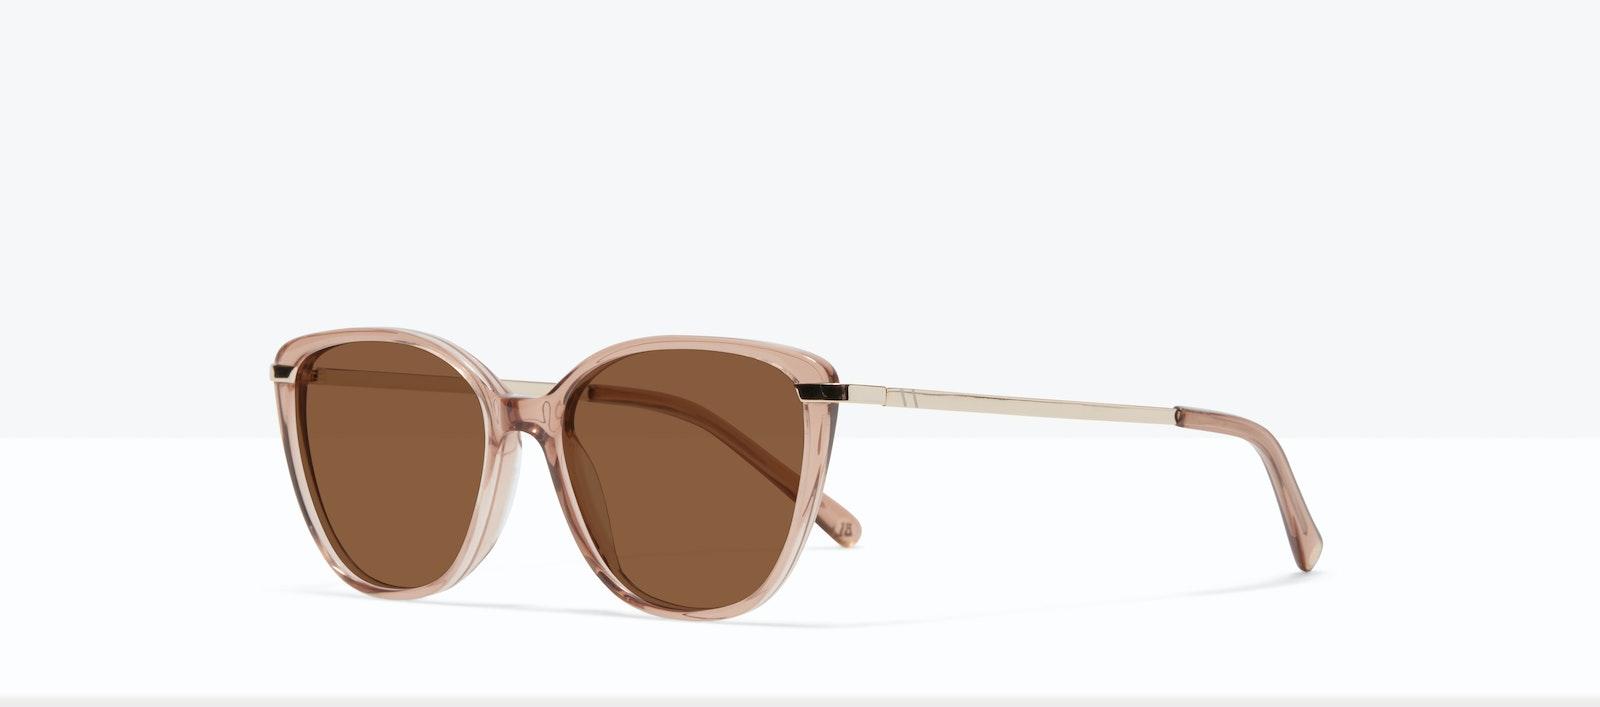 Affordable Fashion Glasses Rectangle Square Sunglasses Women Illusion XS Rose Tilt